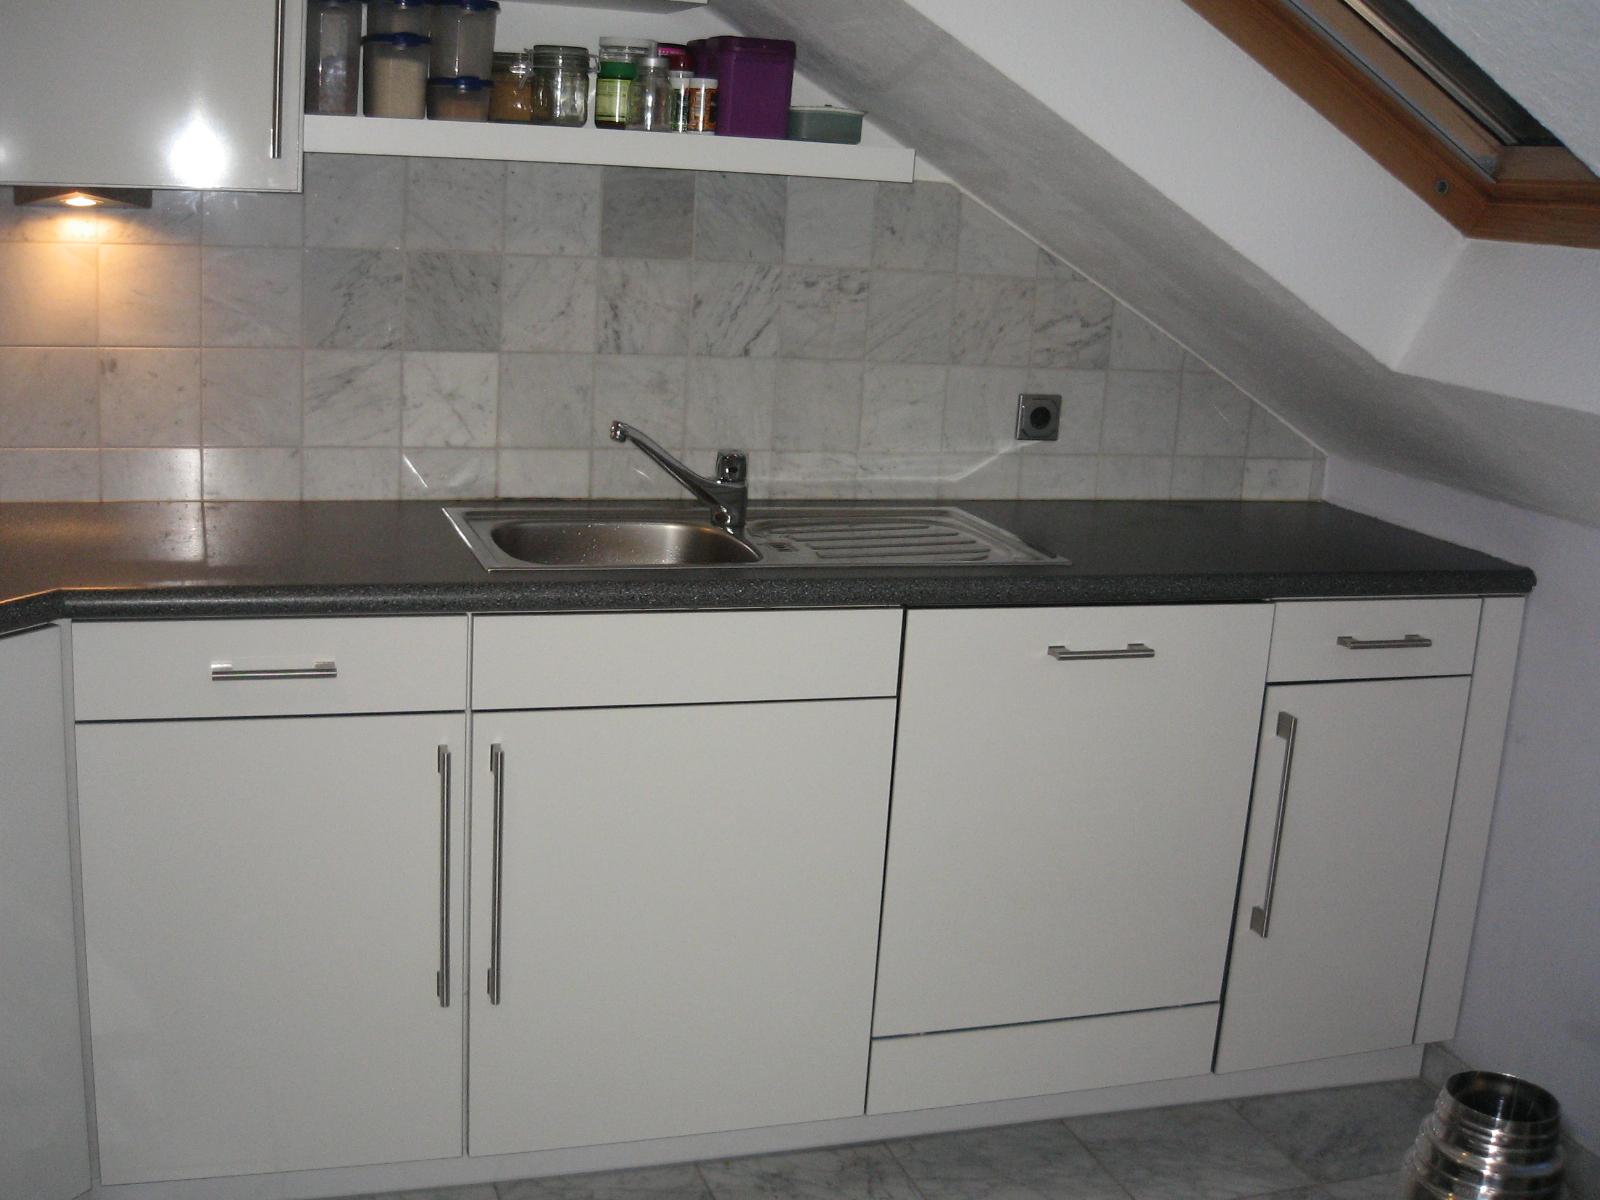 Spiegelglanz Archive - Küchenfront 24